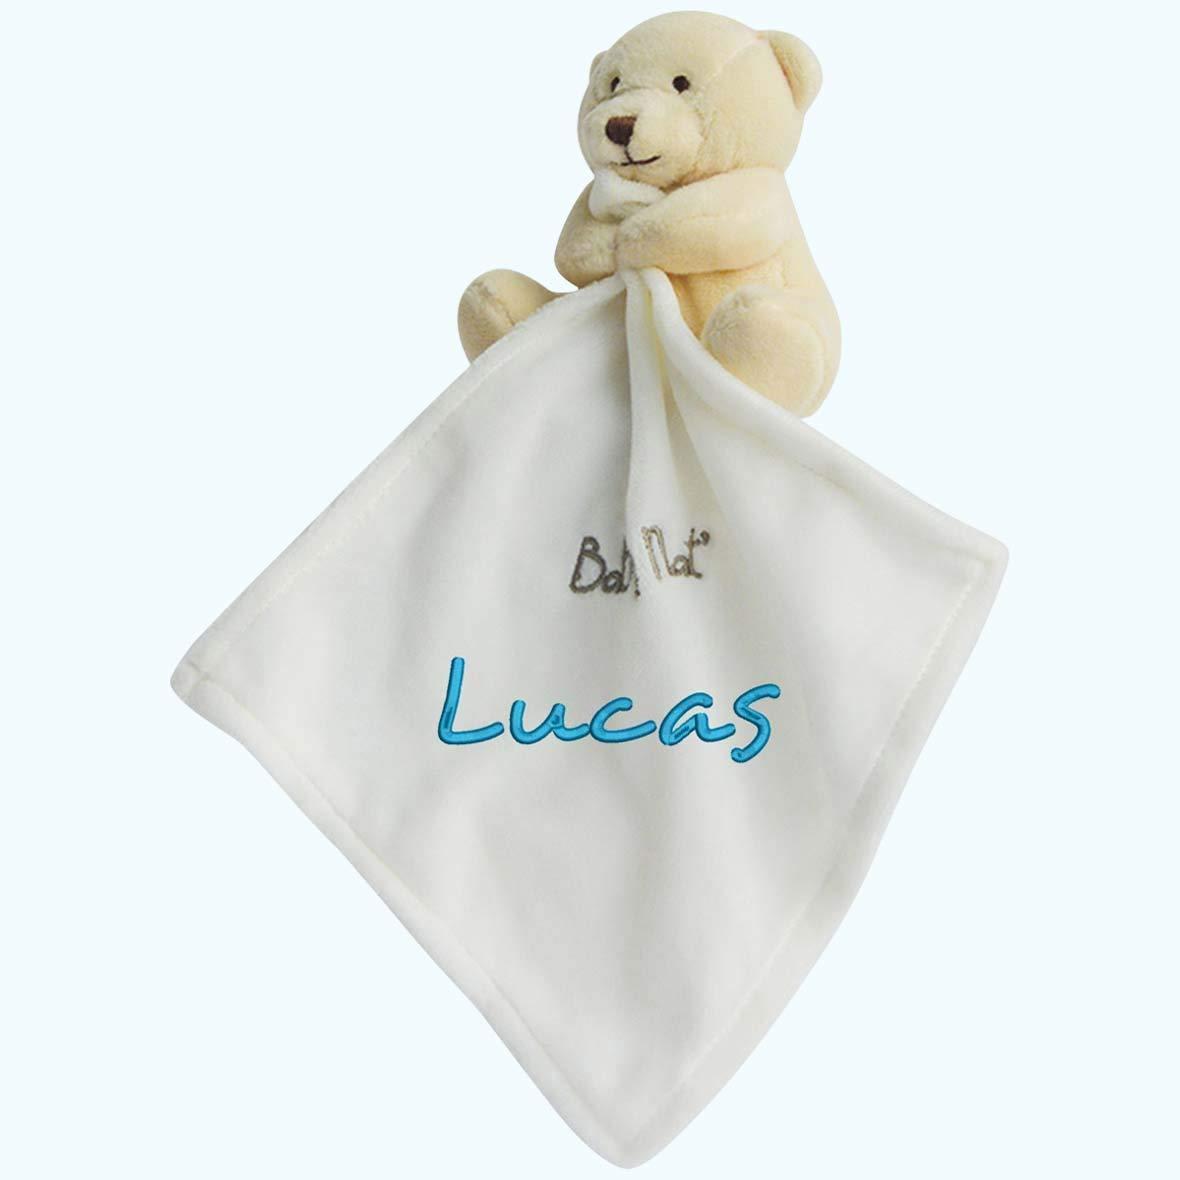 Doudou à broder avec prénom - Ourson ivoire - cadeau liste de naissance - cadeau personnalisé naissance-cadeau personnalisé bébé-cadeau Noël bébé